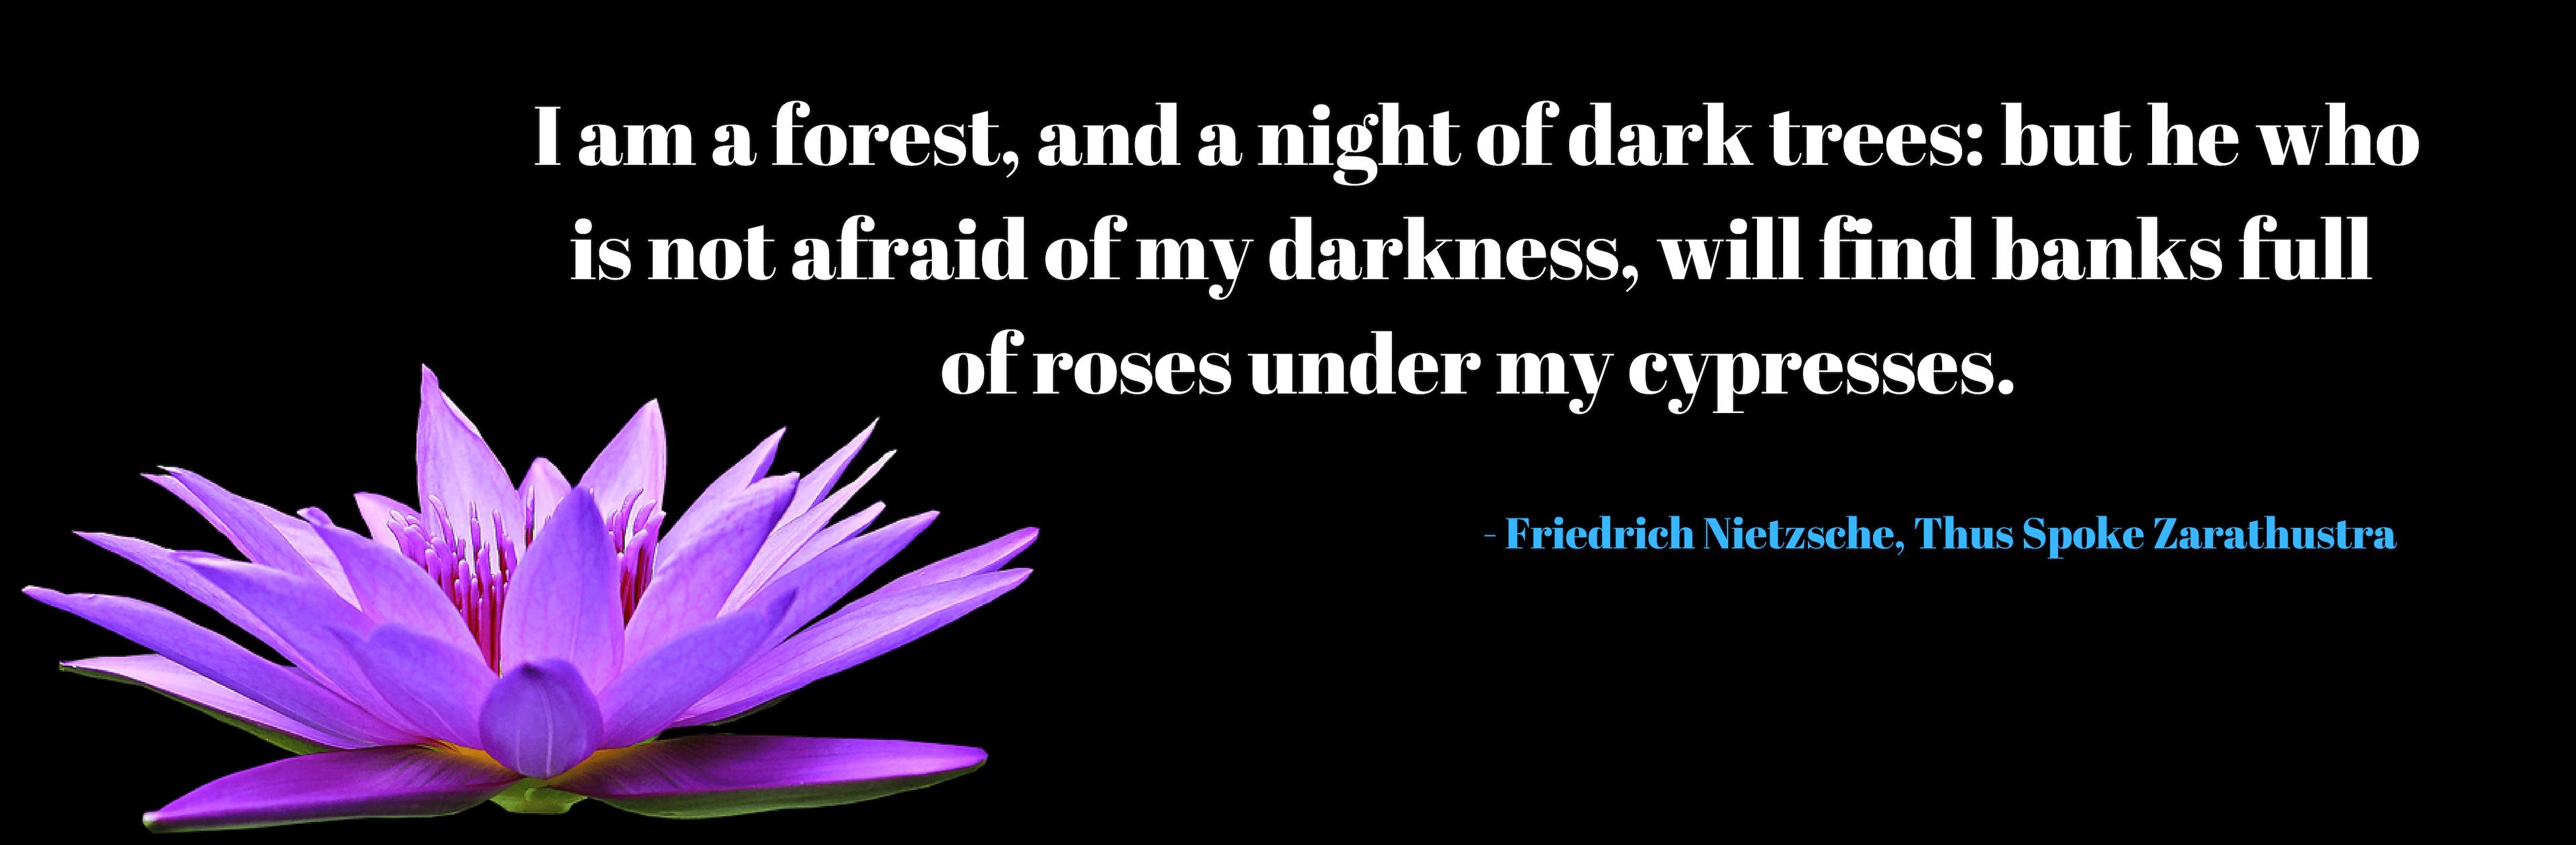 I am a forest by Friedrich Nietzsche [3840 x 1260]